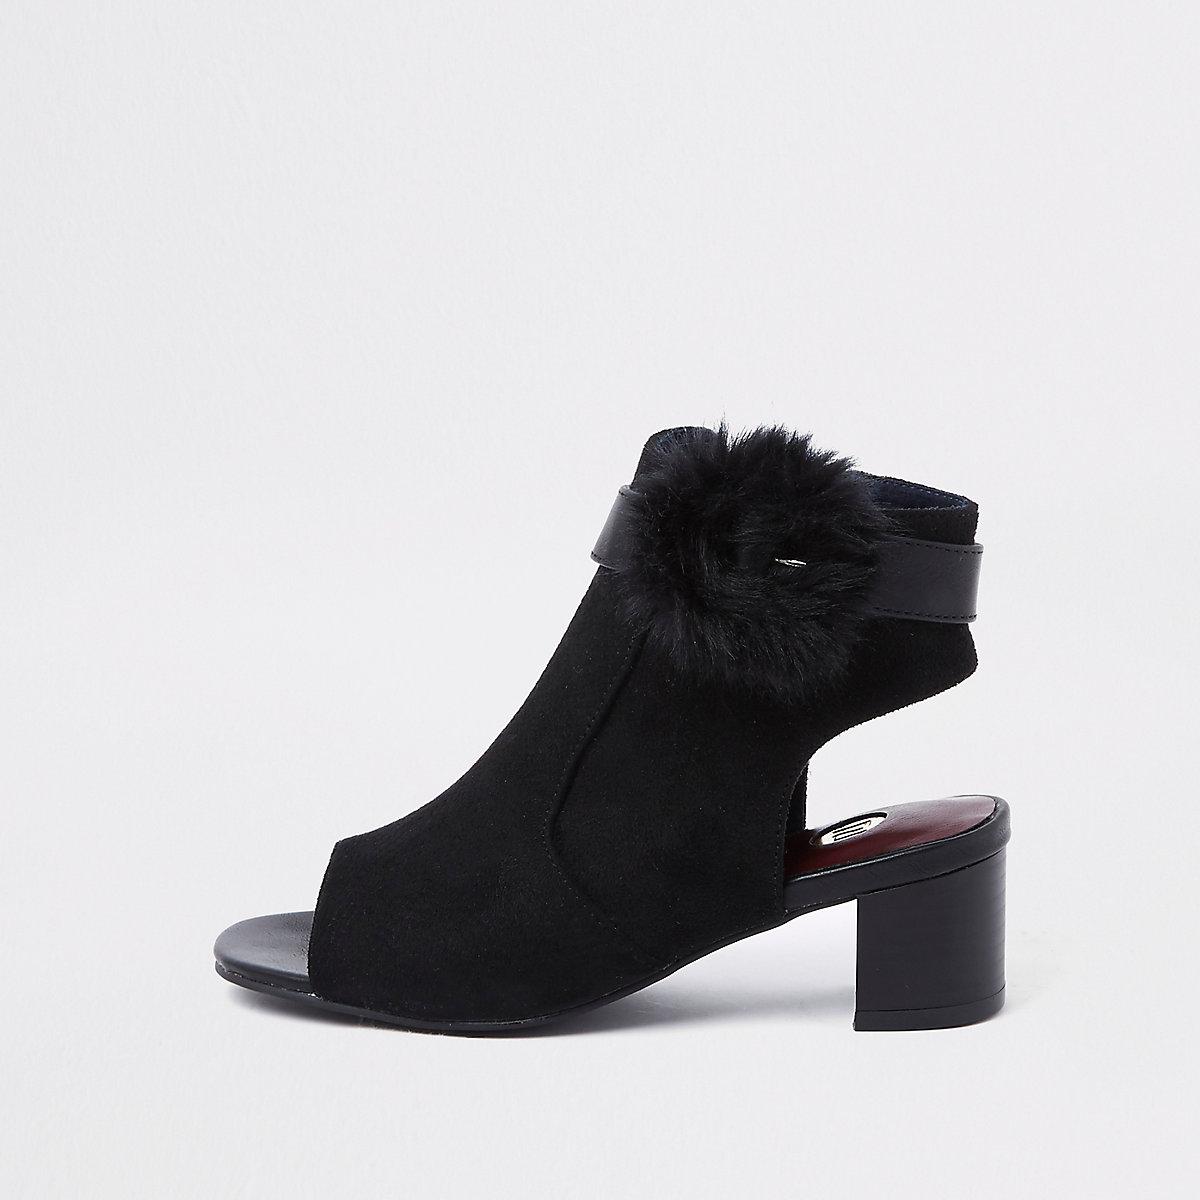 Girls black faux fur buckle shoe boots